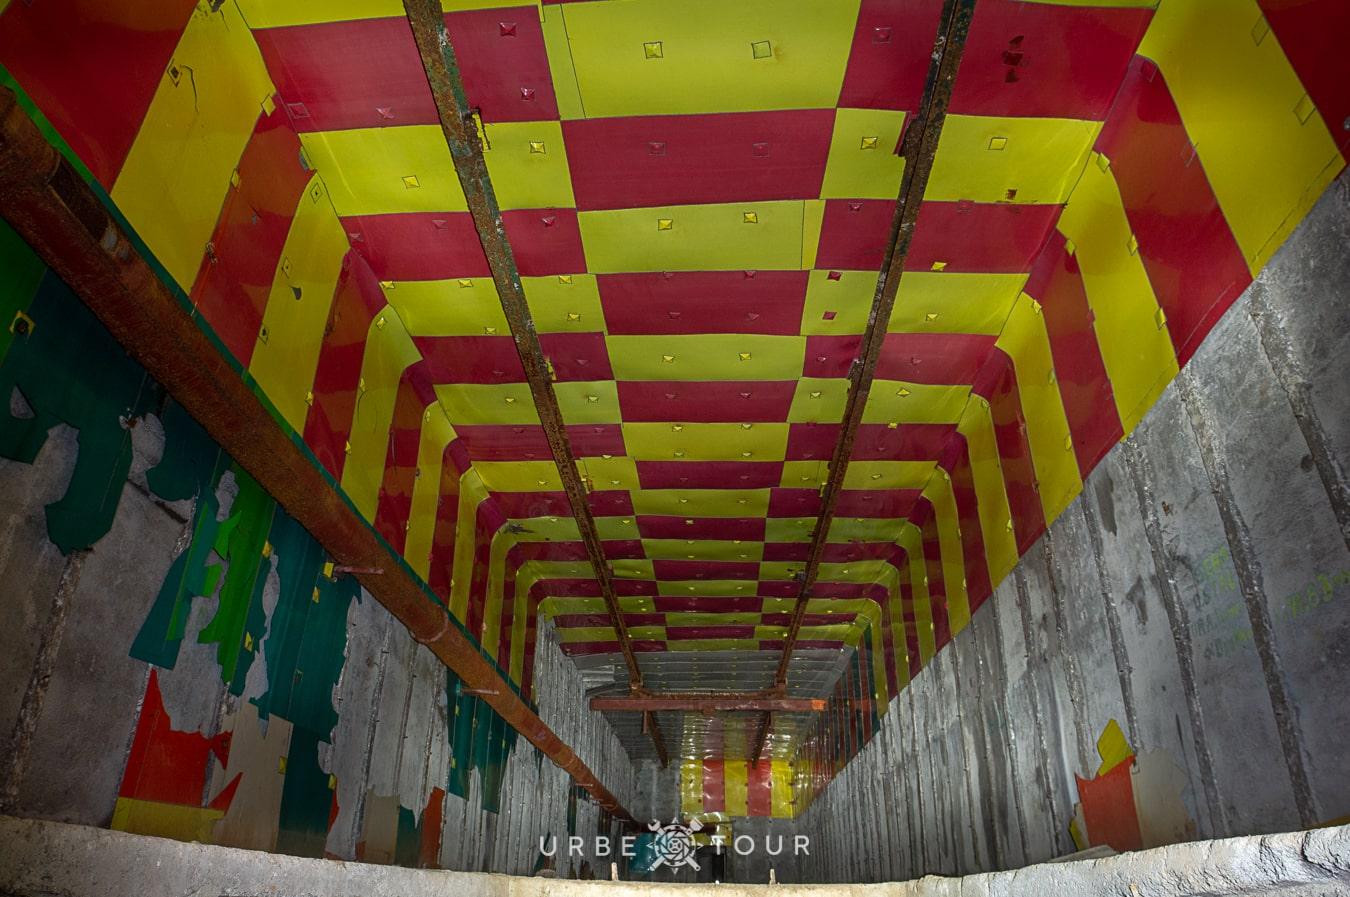 porto-palermo-submarine-base-albania-12-1 Подземная база для подводных лодок в Порто Палермо, Албания